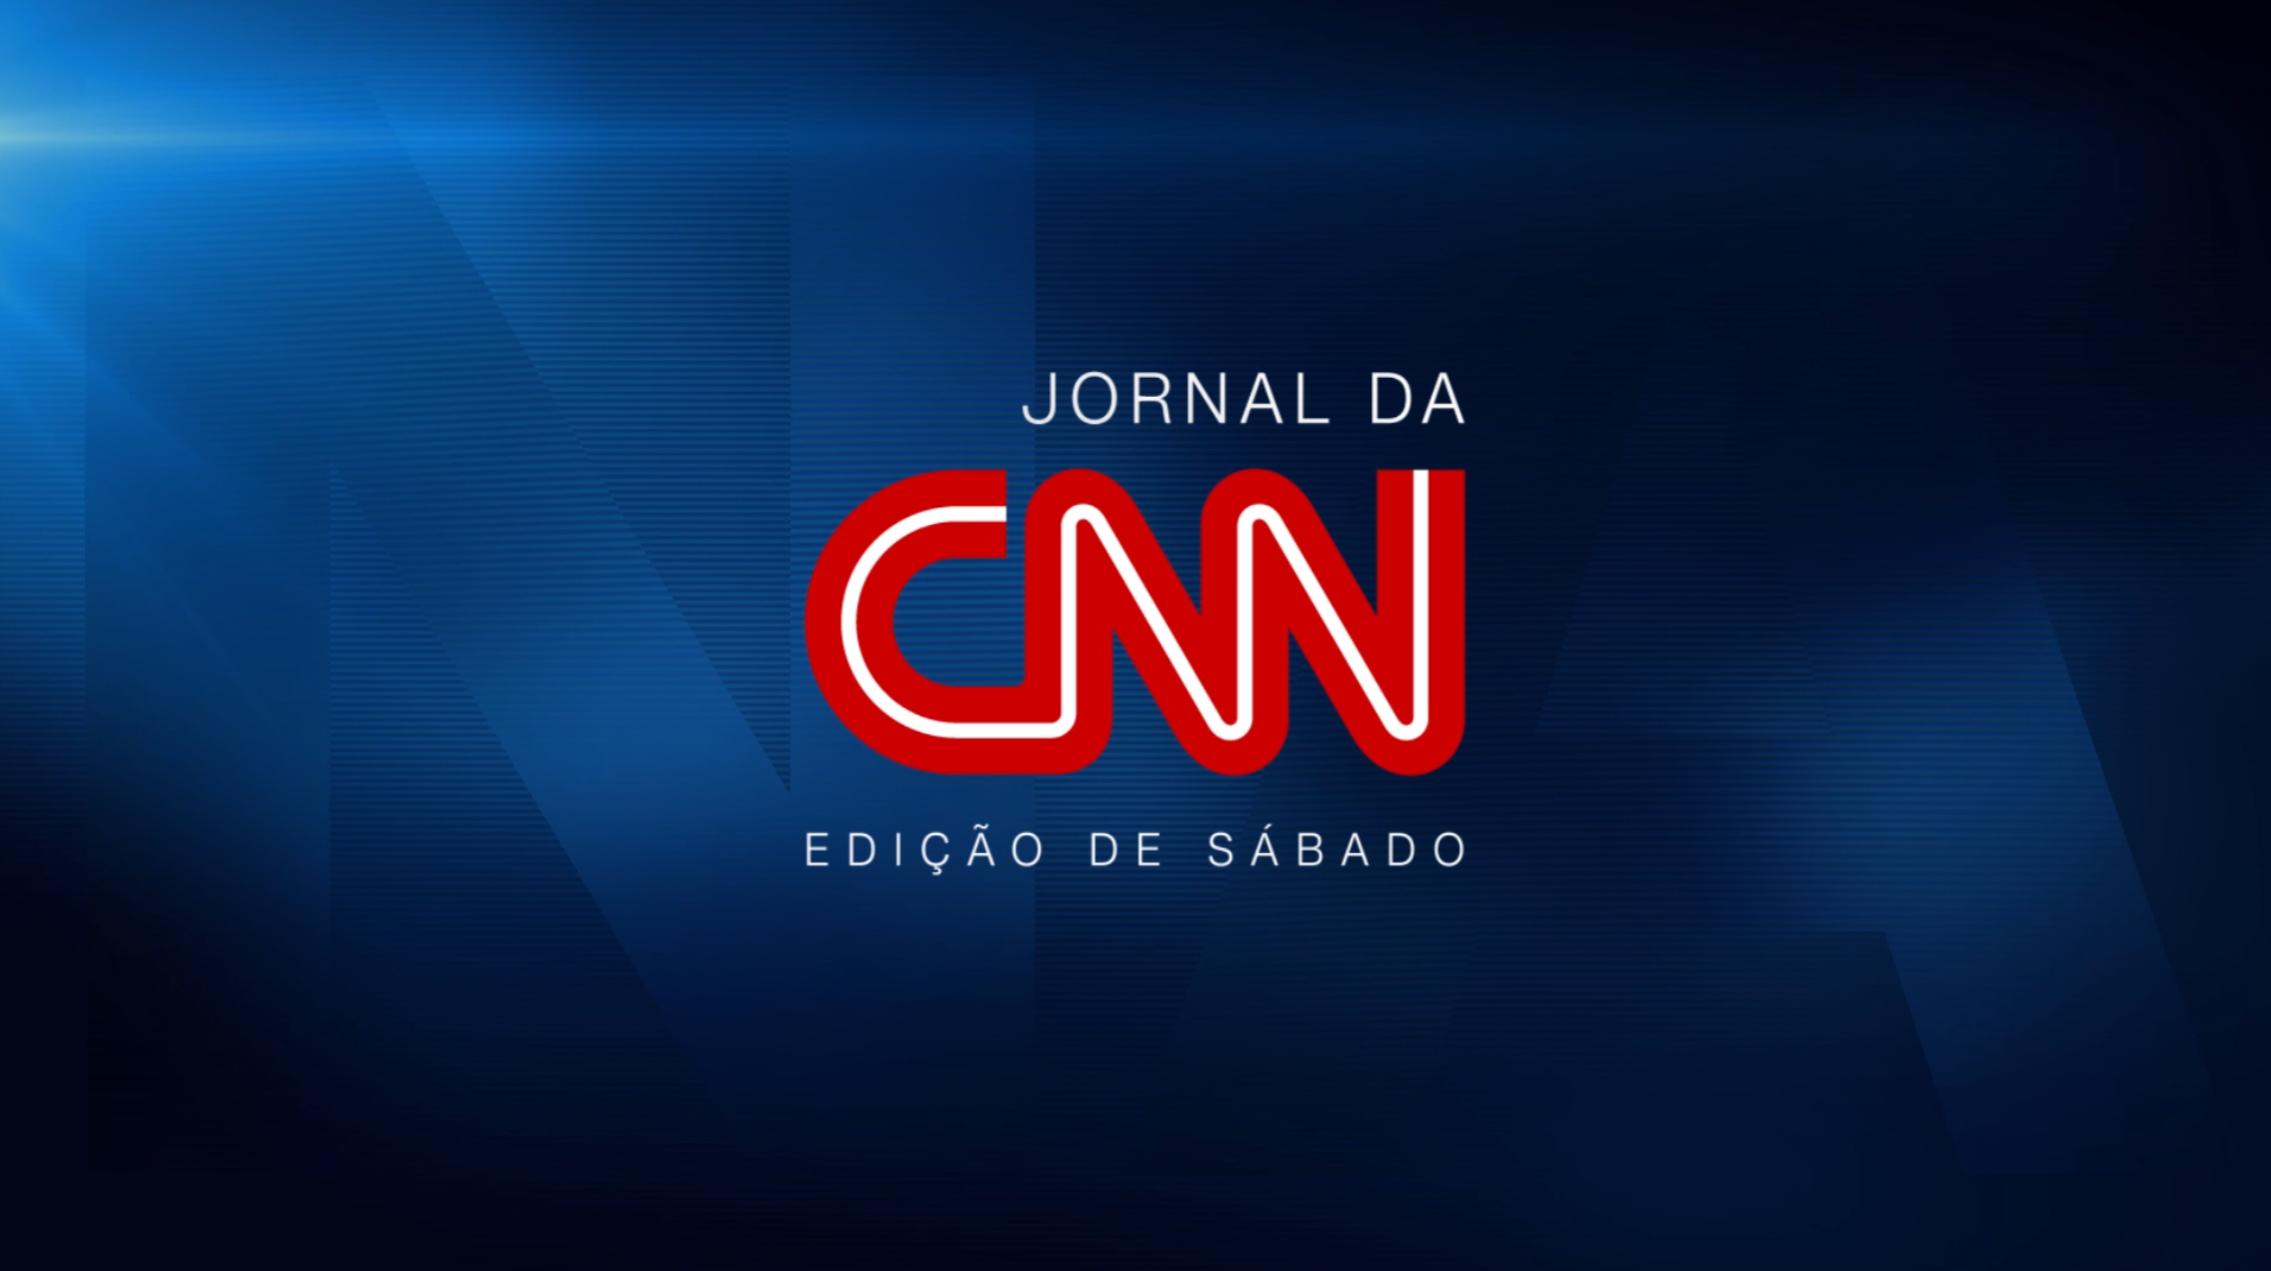 Jornal da CNN